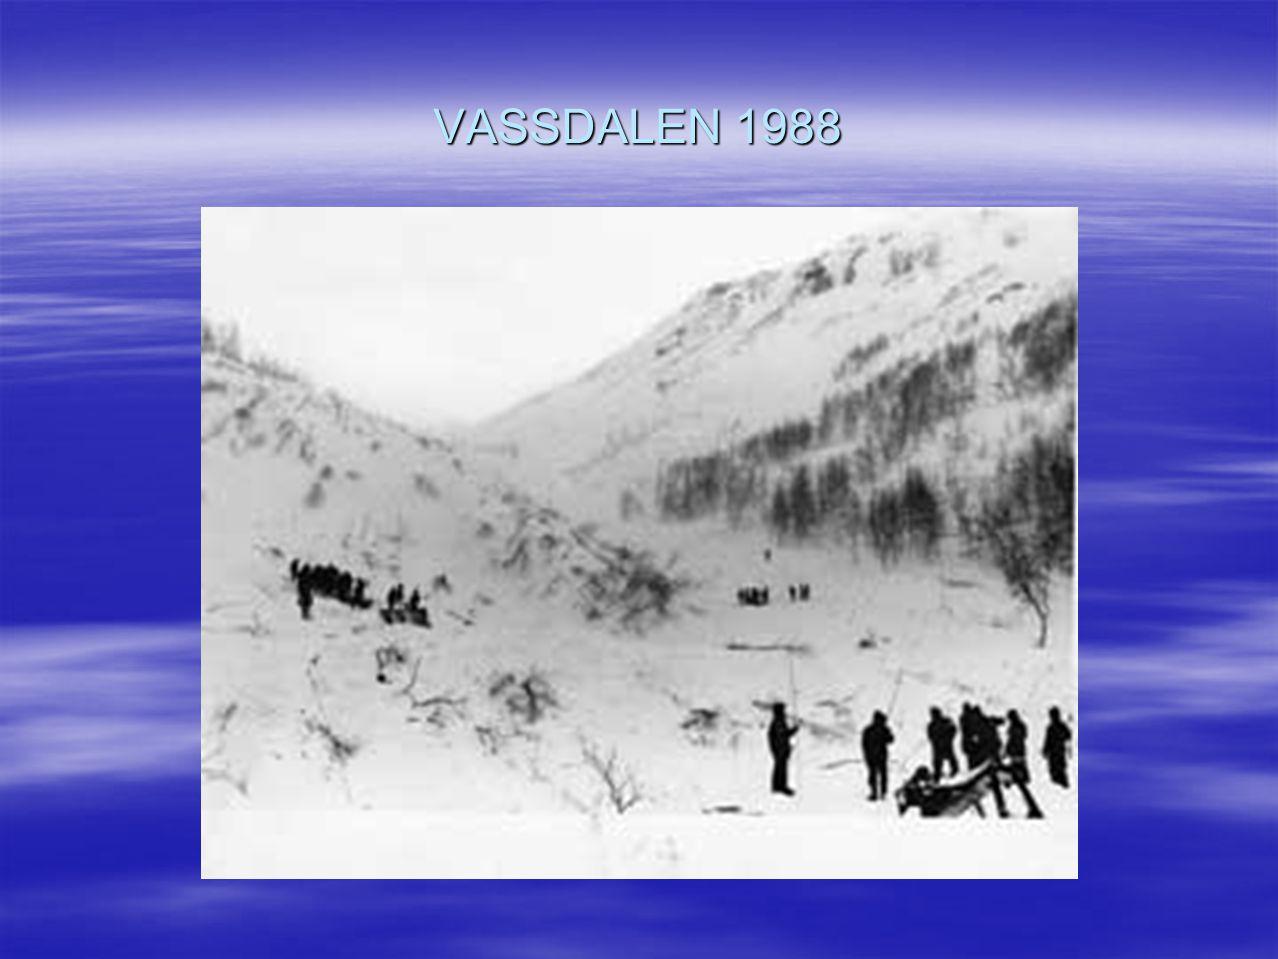 VASSDALEN 1988